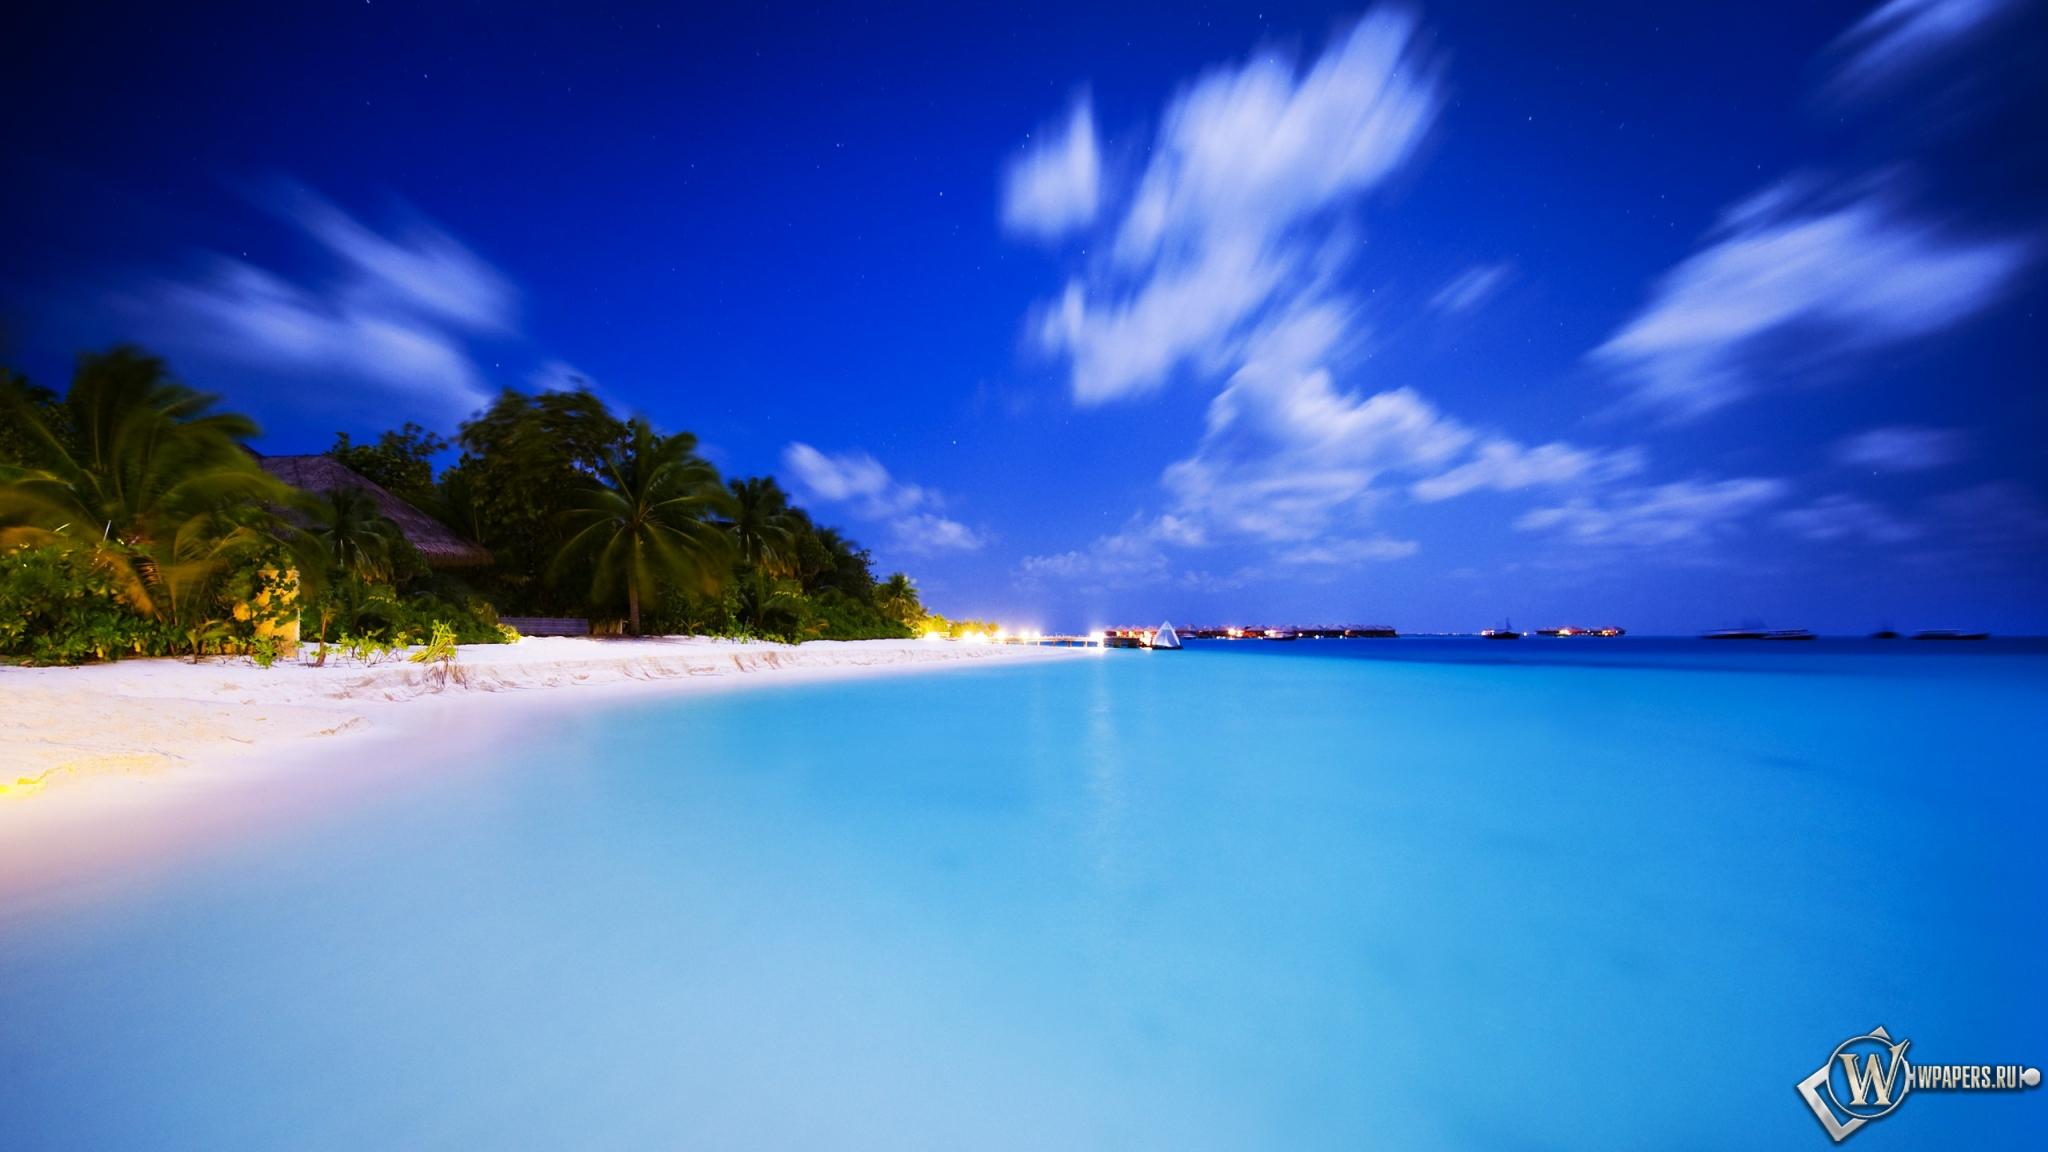 Мальдивы облака пляж вода море небо